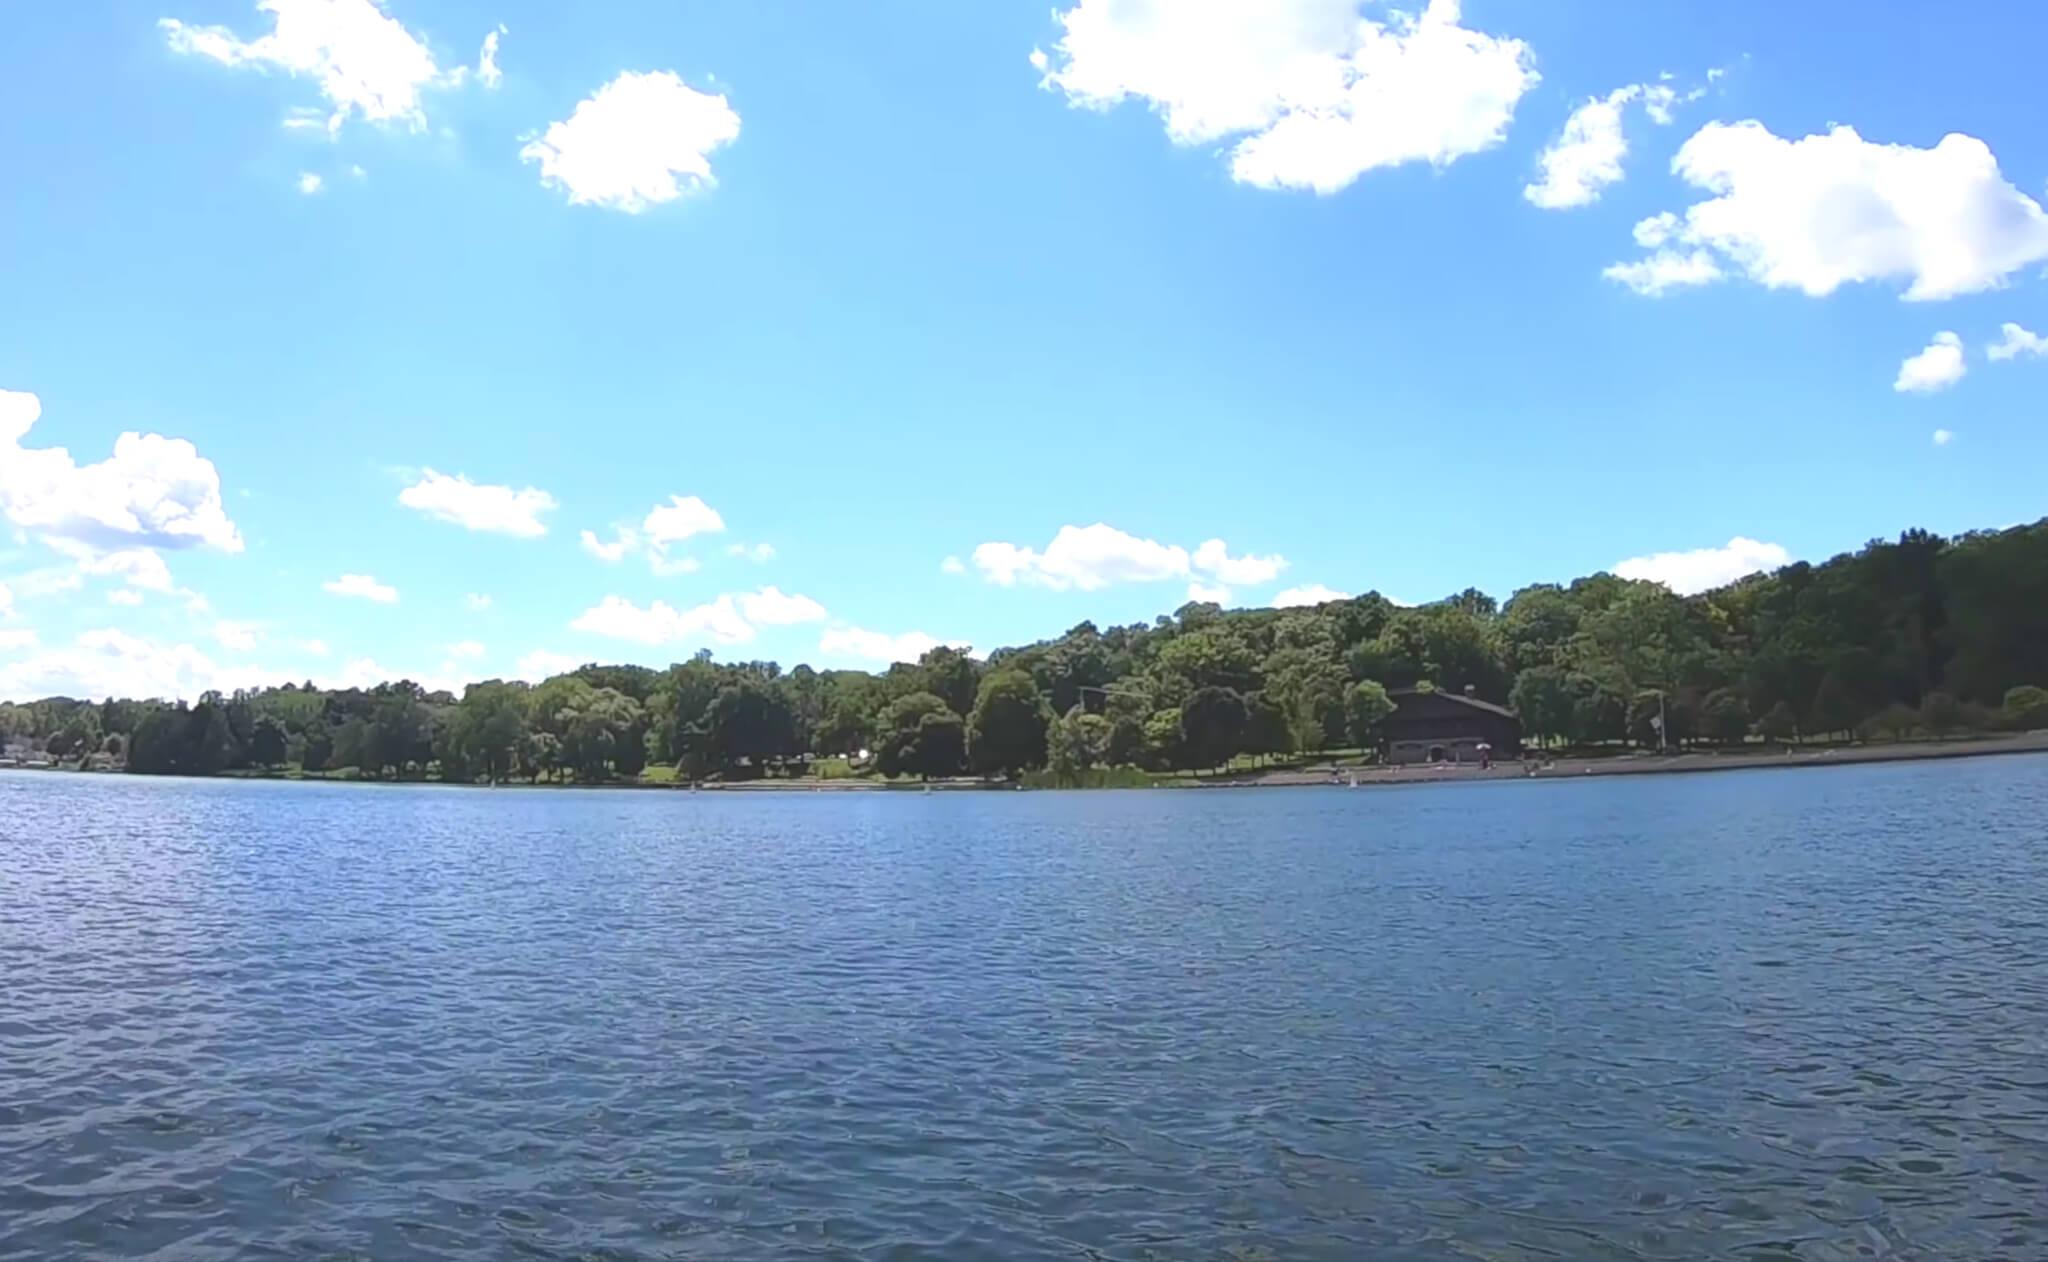 Cayuga-Lake-Fishing-Report-Guide-New-York-NY-03